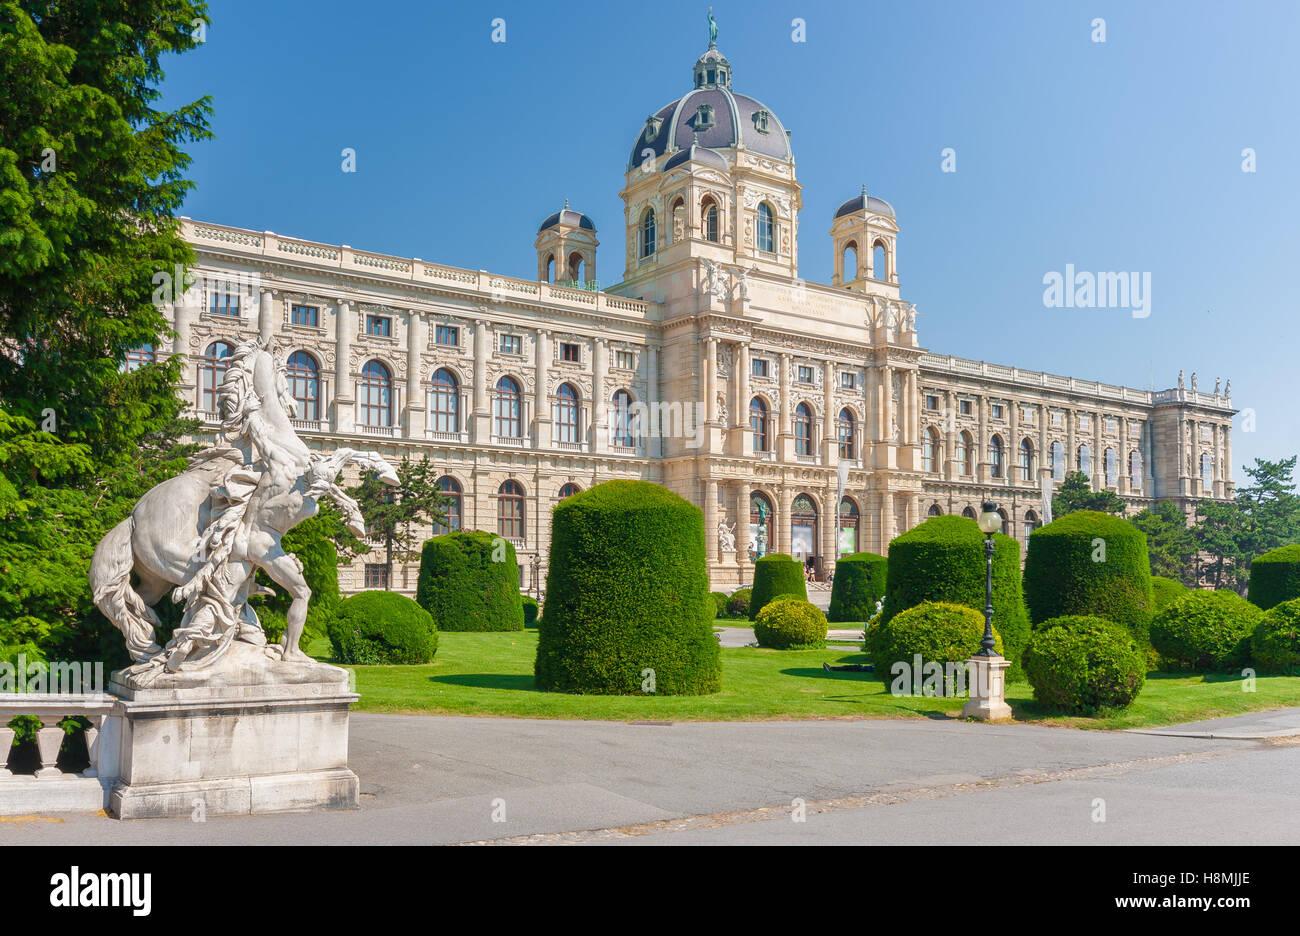 La vue classique du célèbre Naturhistorisches Museum (Musée d'Histoire Naturelle) avec parc et Photo Stock